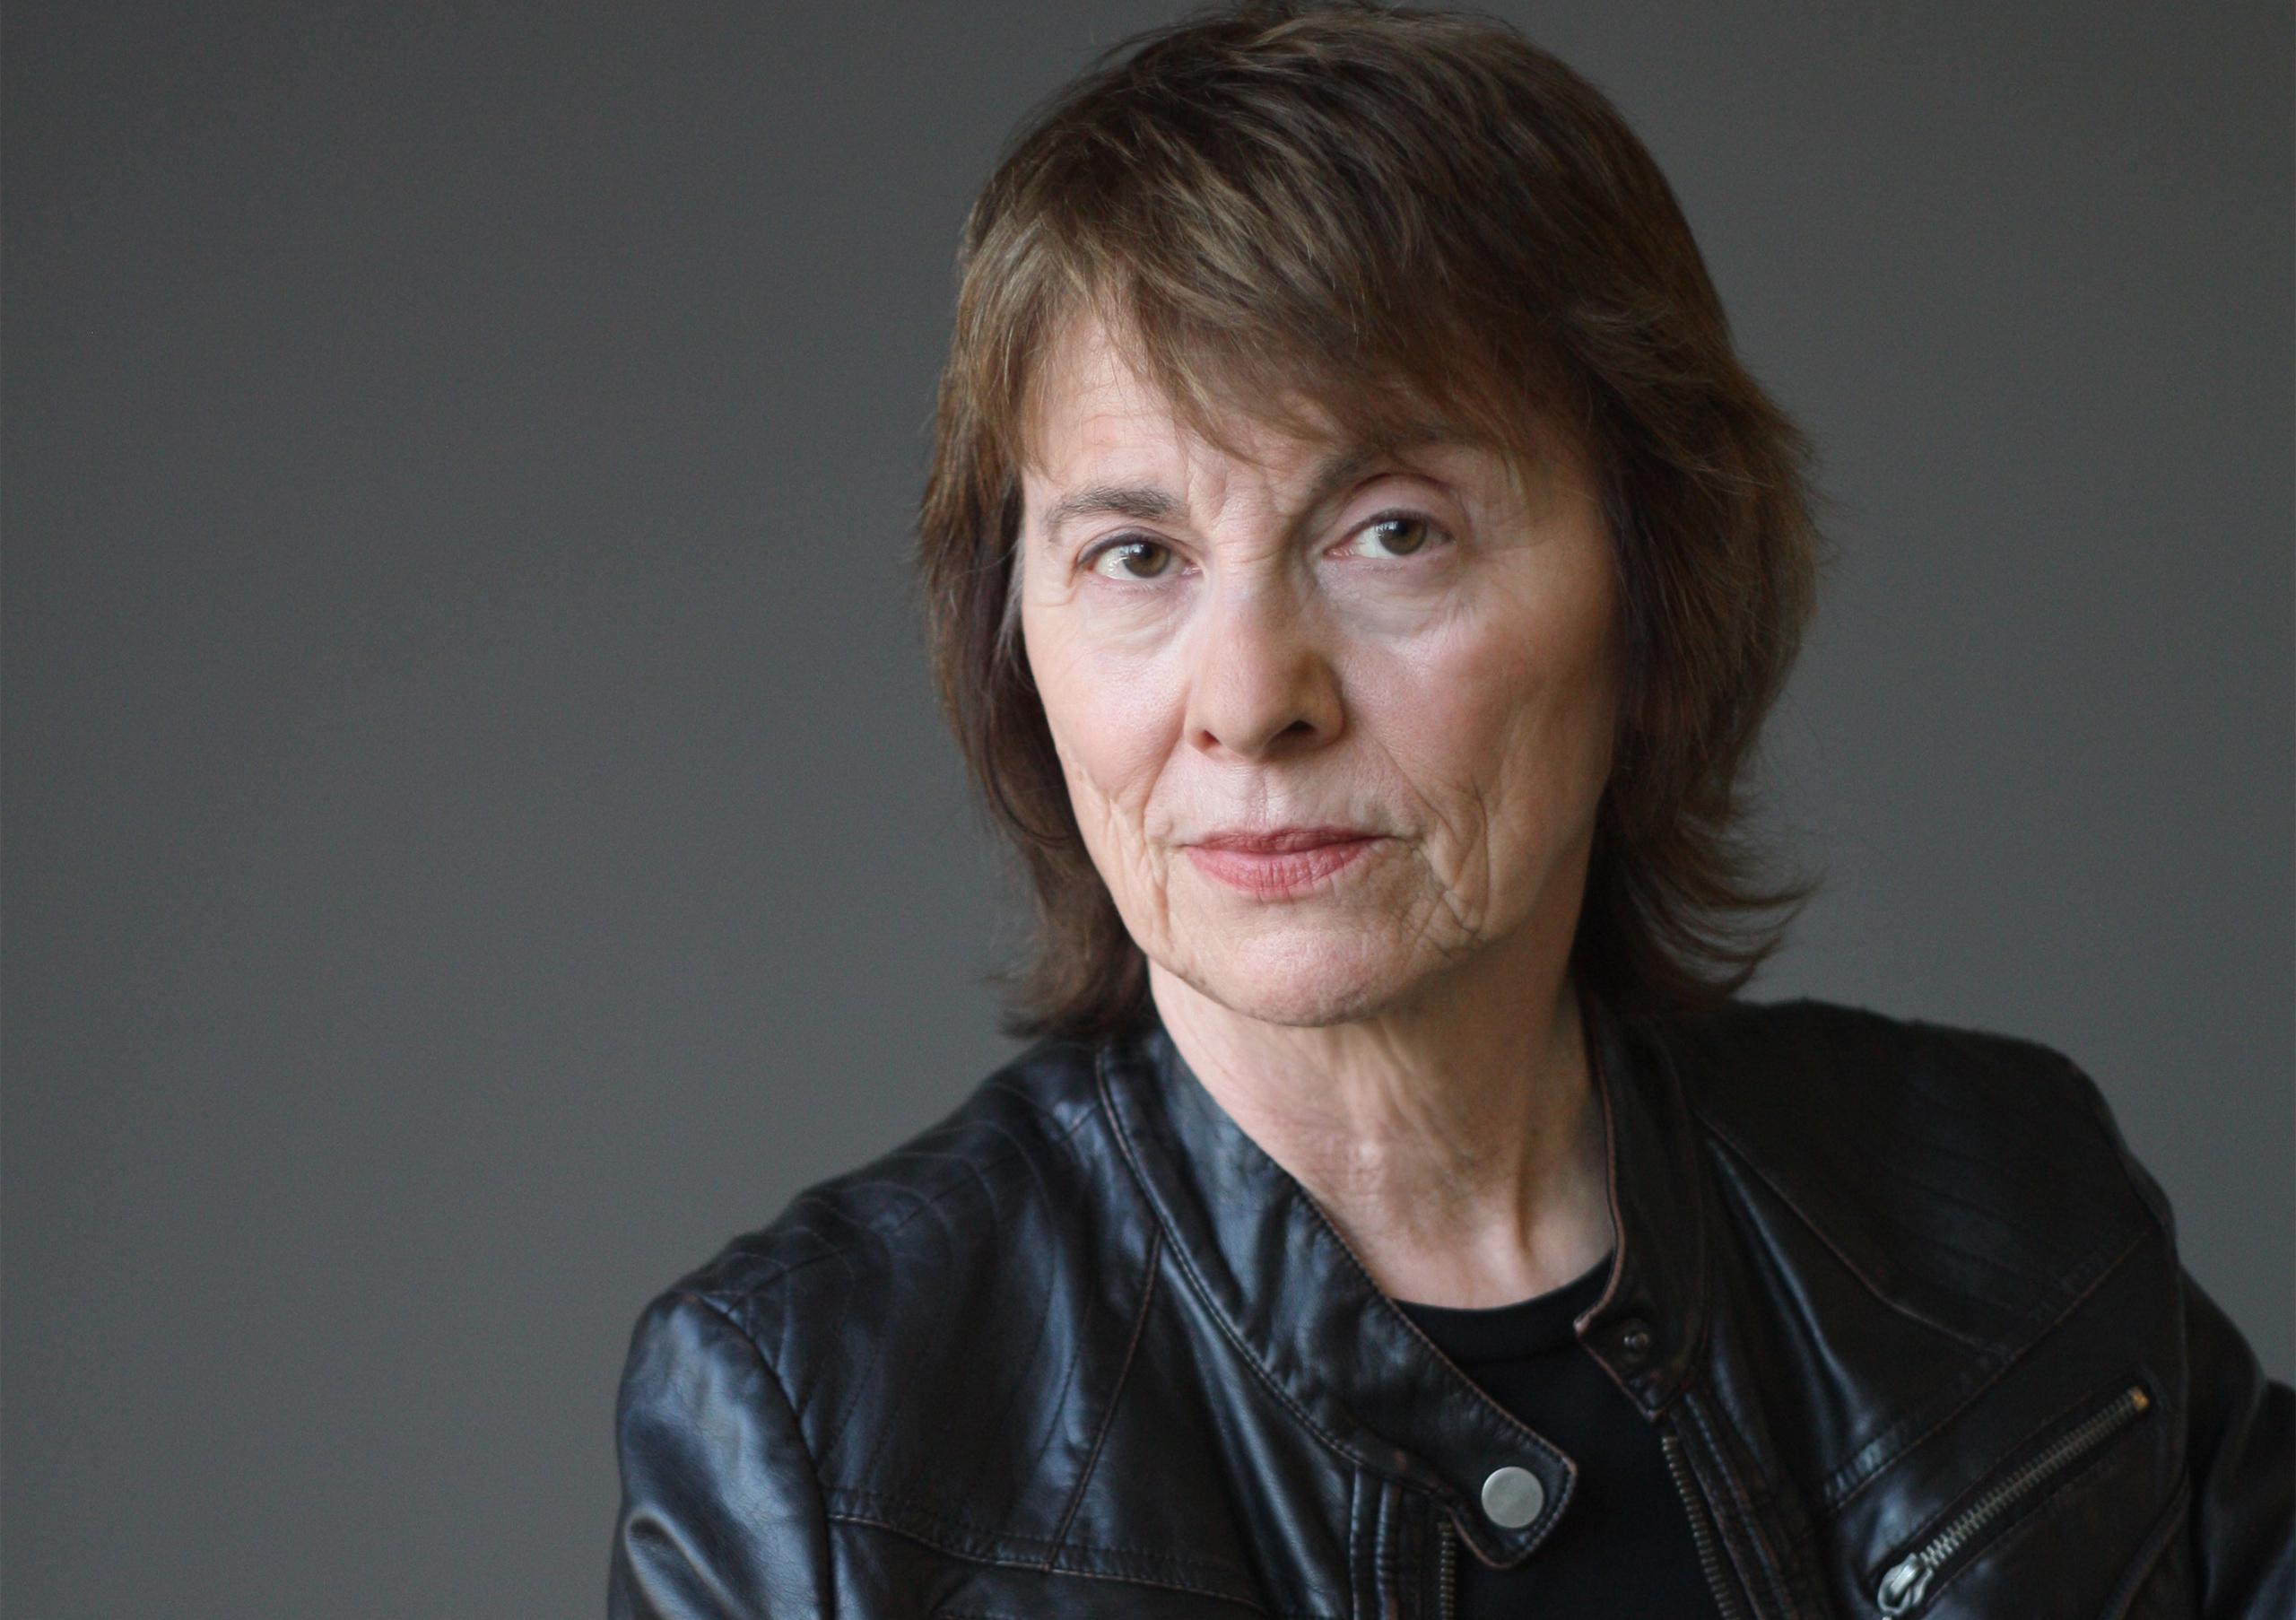 Camille Paglia, author of Free Women, Free Men